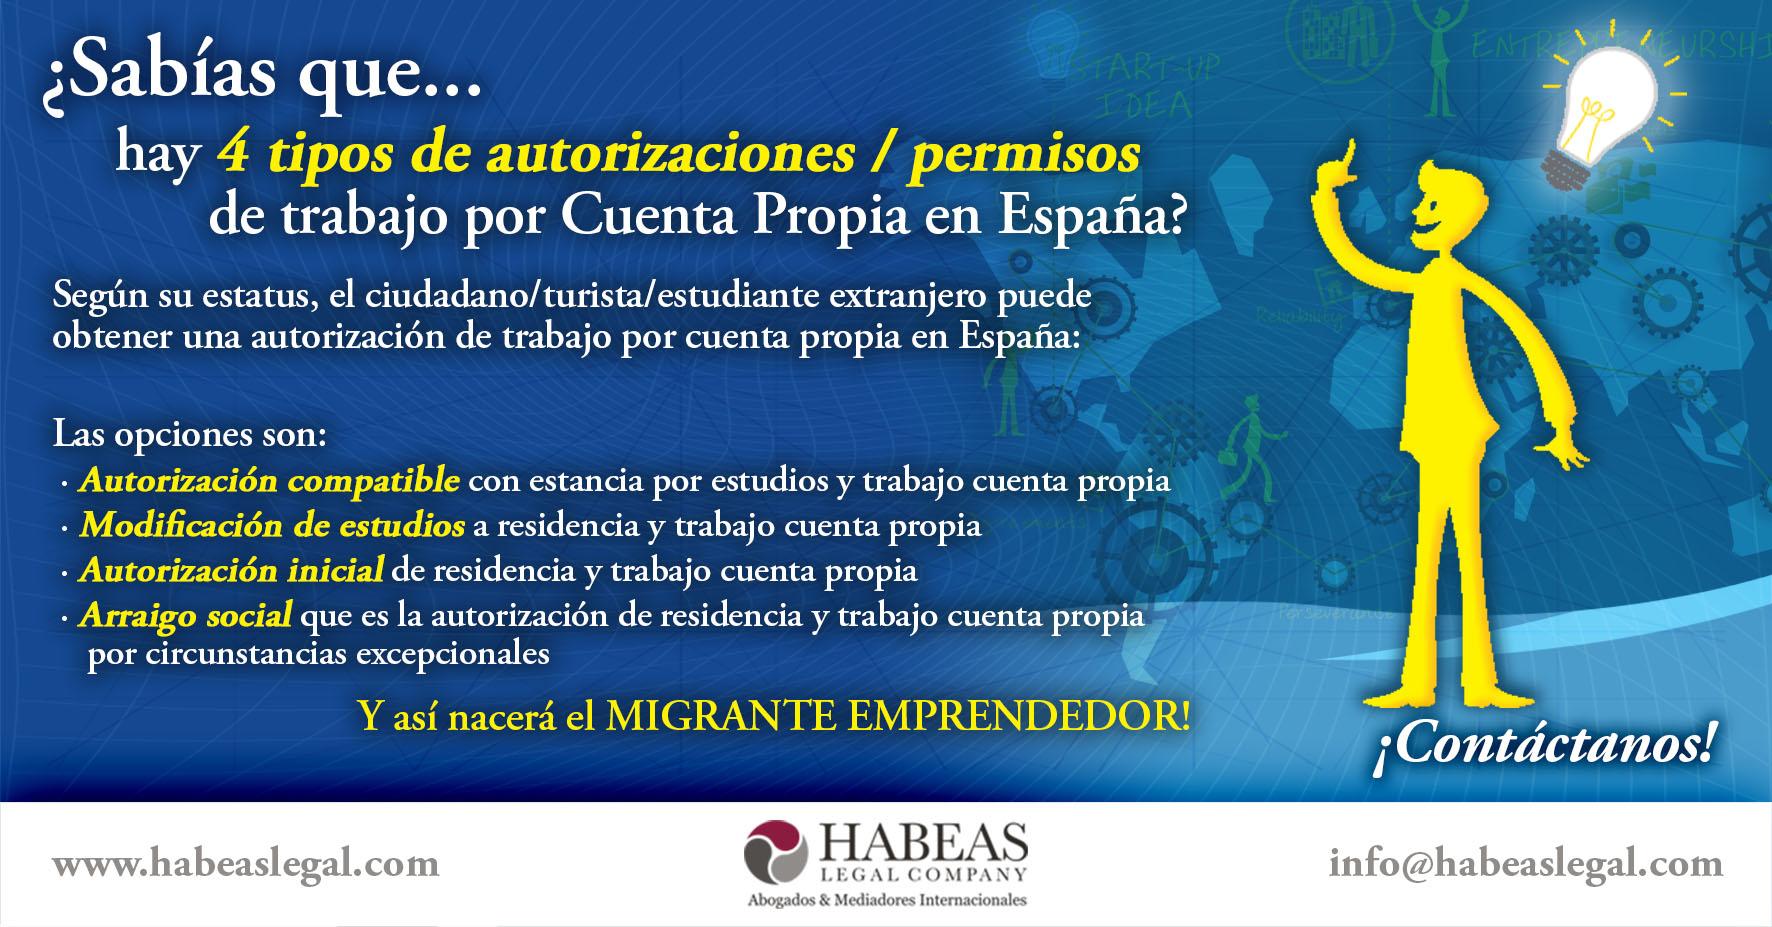 Opciones permisos Migrante Emprendedor - ¿Sabes cuáles son los tipos de permiso de trabajo por Cuenta Propia en España?